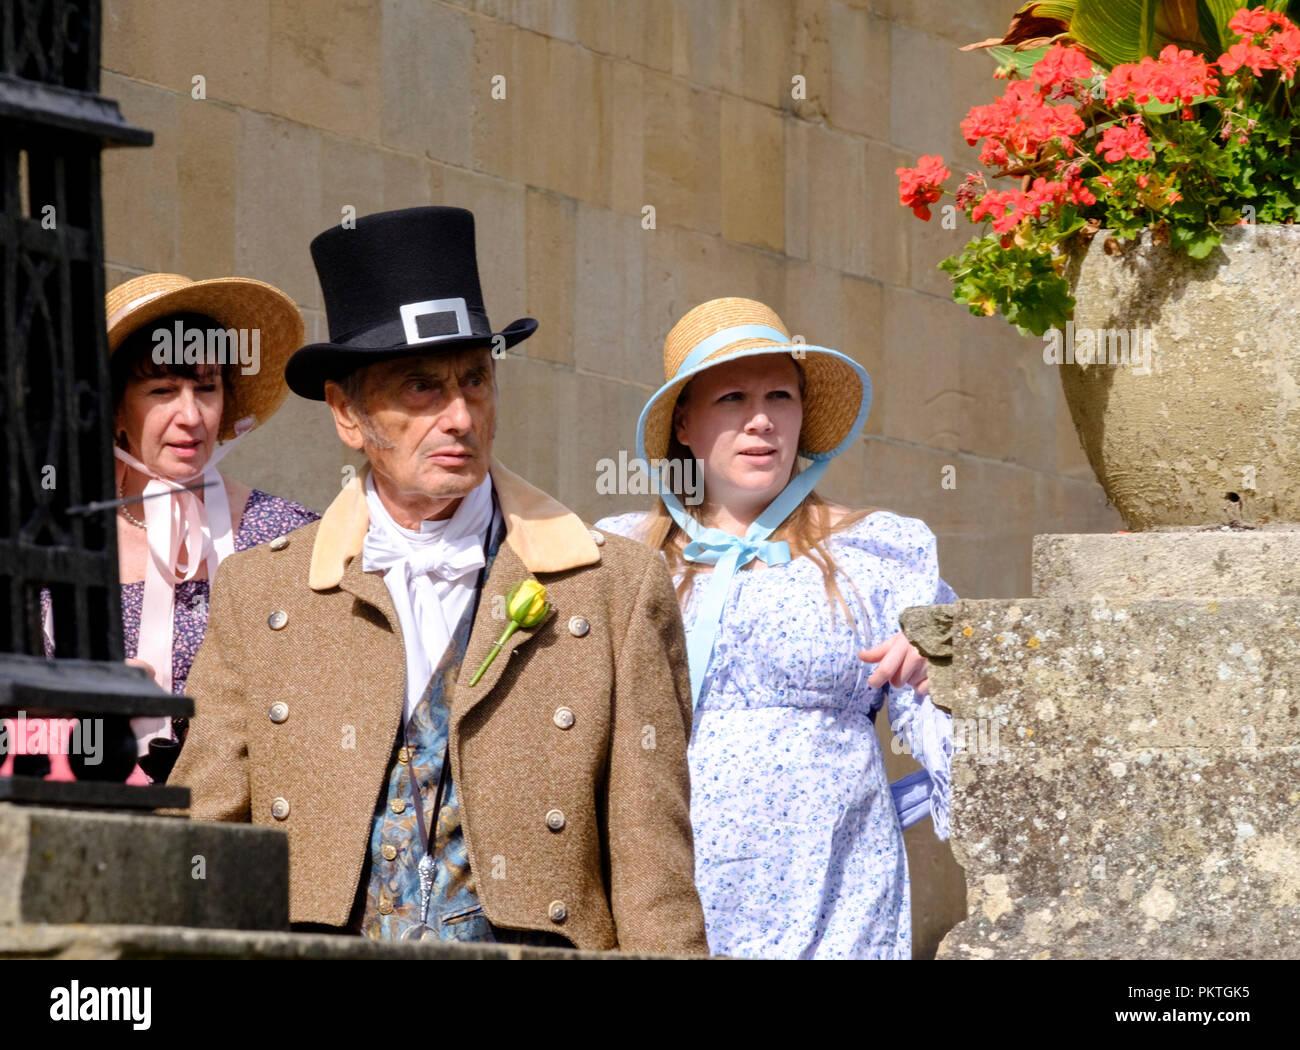 Bath, Reino Unido. El 15 de septiembre de 2018. Los fans de Jane Austen se reúnen en Regency vestido de paseo a través de la histórica ciudad de Bath. La tasa anual de Jane Austen Festival atrae a gente de todo el mundo para celebrar el famoso novelistas. ©JMF Noticias / alamy Live News Imagen De Stock